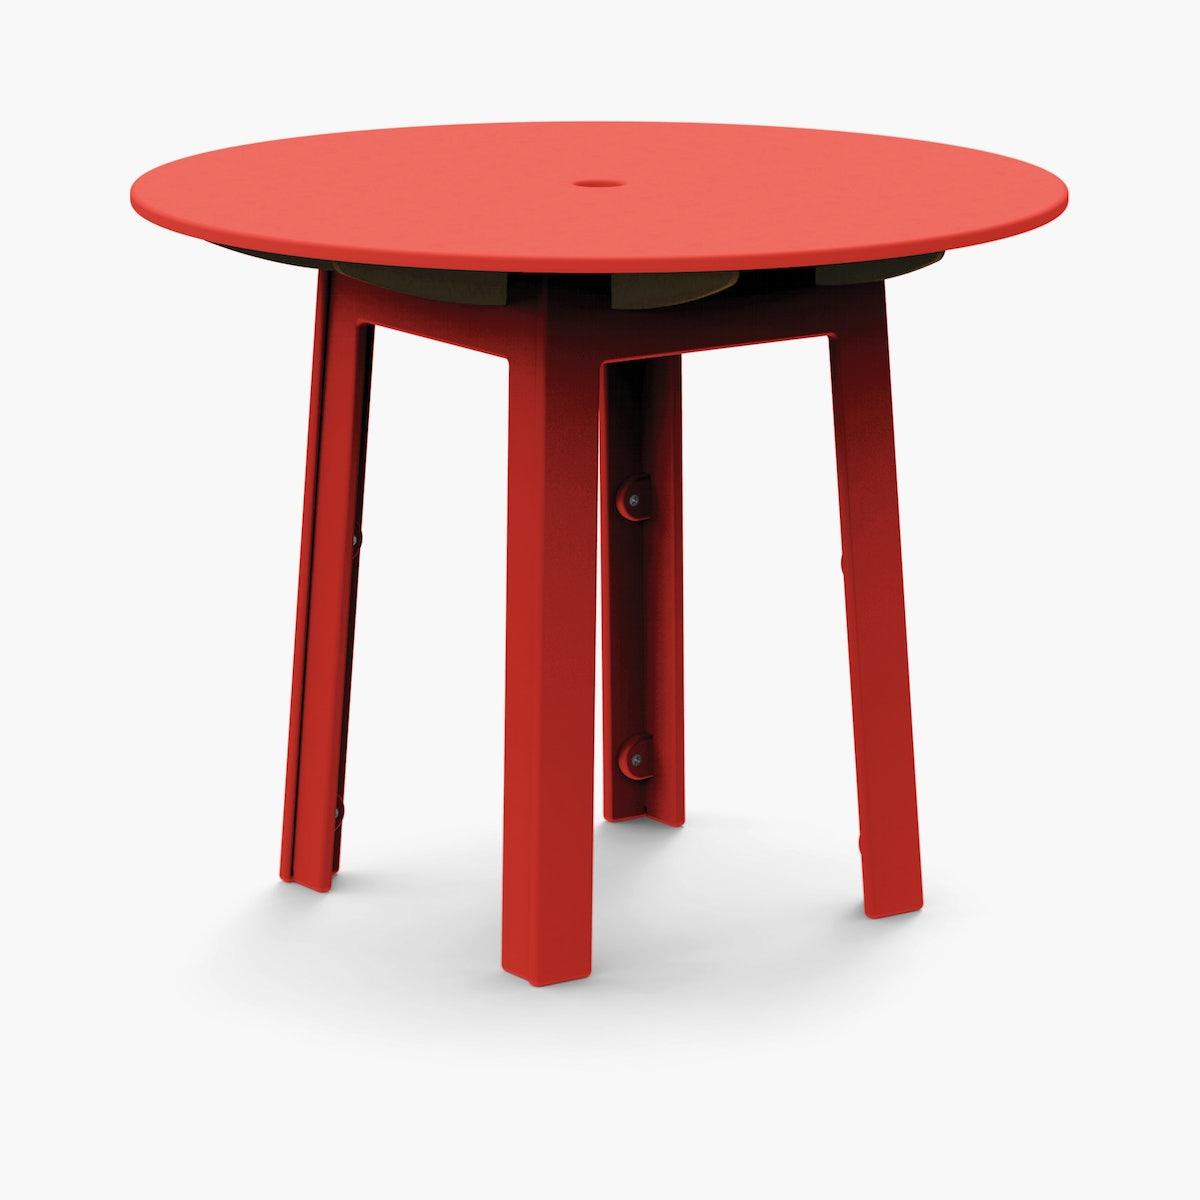 Fresh Air Round Table